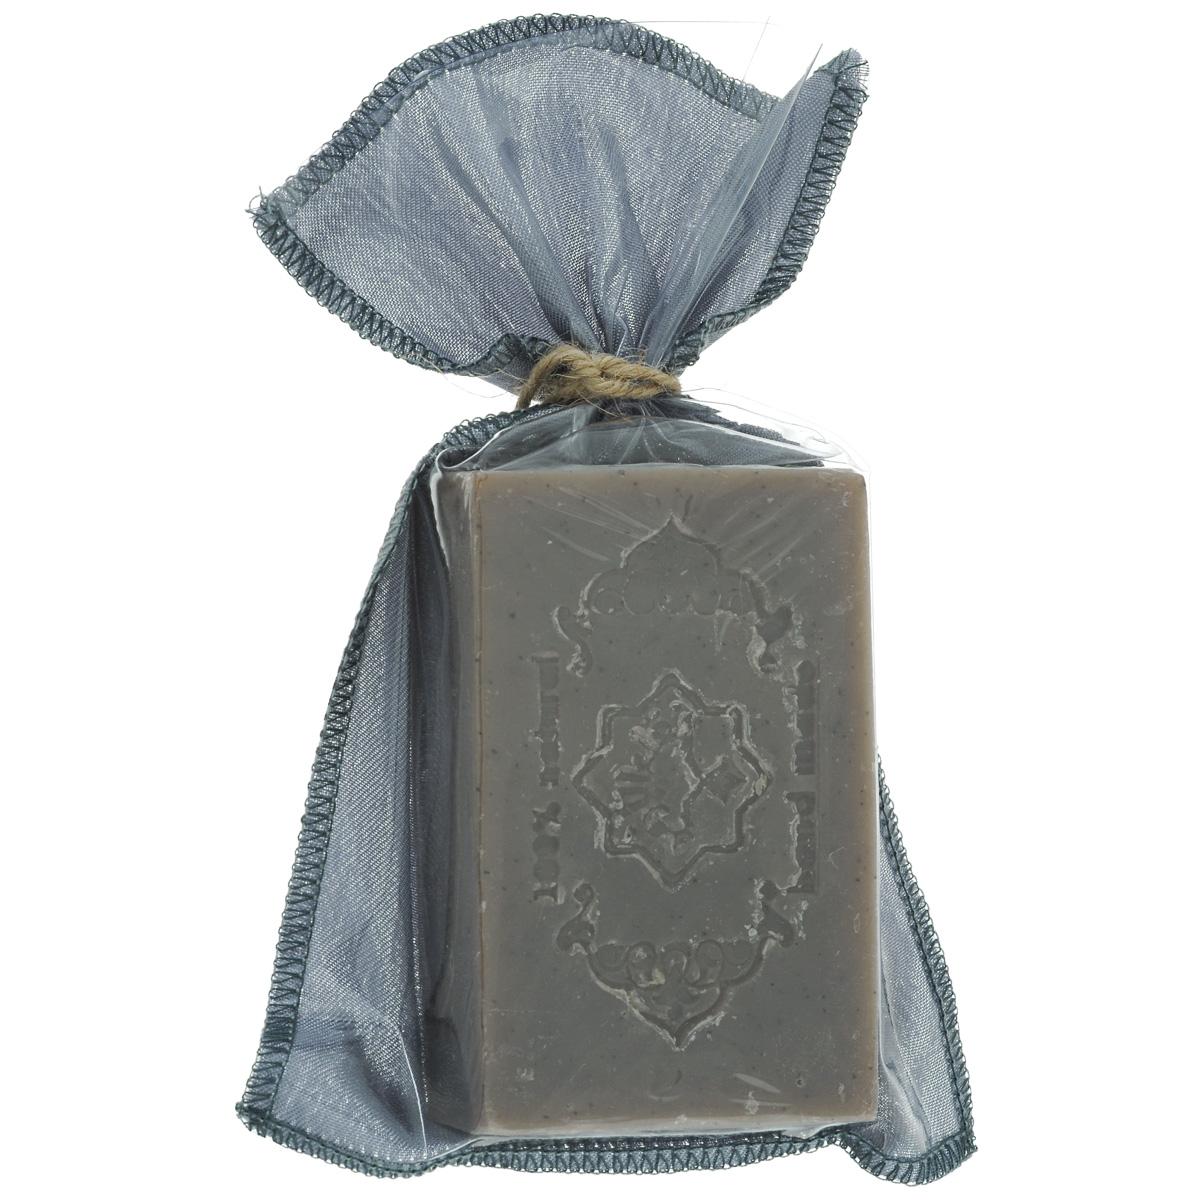 Зейтун Мыло Премиум №3 с кофе, 150 гZ1003Натуральное мыло с кофе оказывает тонизирующий эффект на кожу, улучшает микроциркуляцию крови в капиллярах. Хорошо подходит для уставшей, городской кожи. Мягкий натуральный скраб. Благодаря действию кофе обладает подтягивающими кожу антицелюллитными свойствами. Прекрасное мыло для утреннего душа, бодрит и повышает настроение благодаря яркому аромату кофе. Также придает коже легкий оттенок загара.